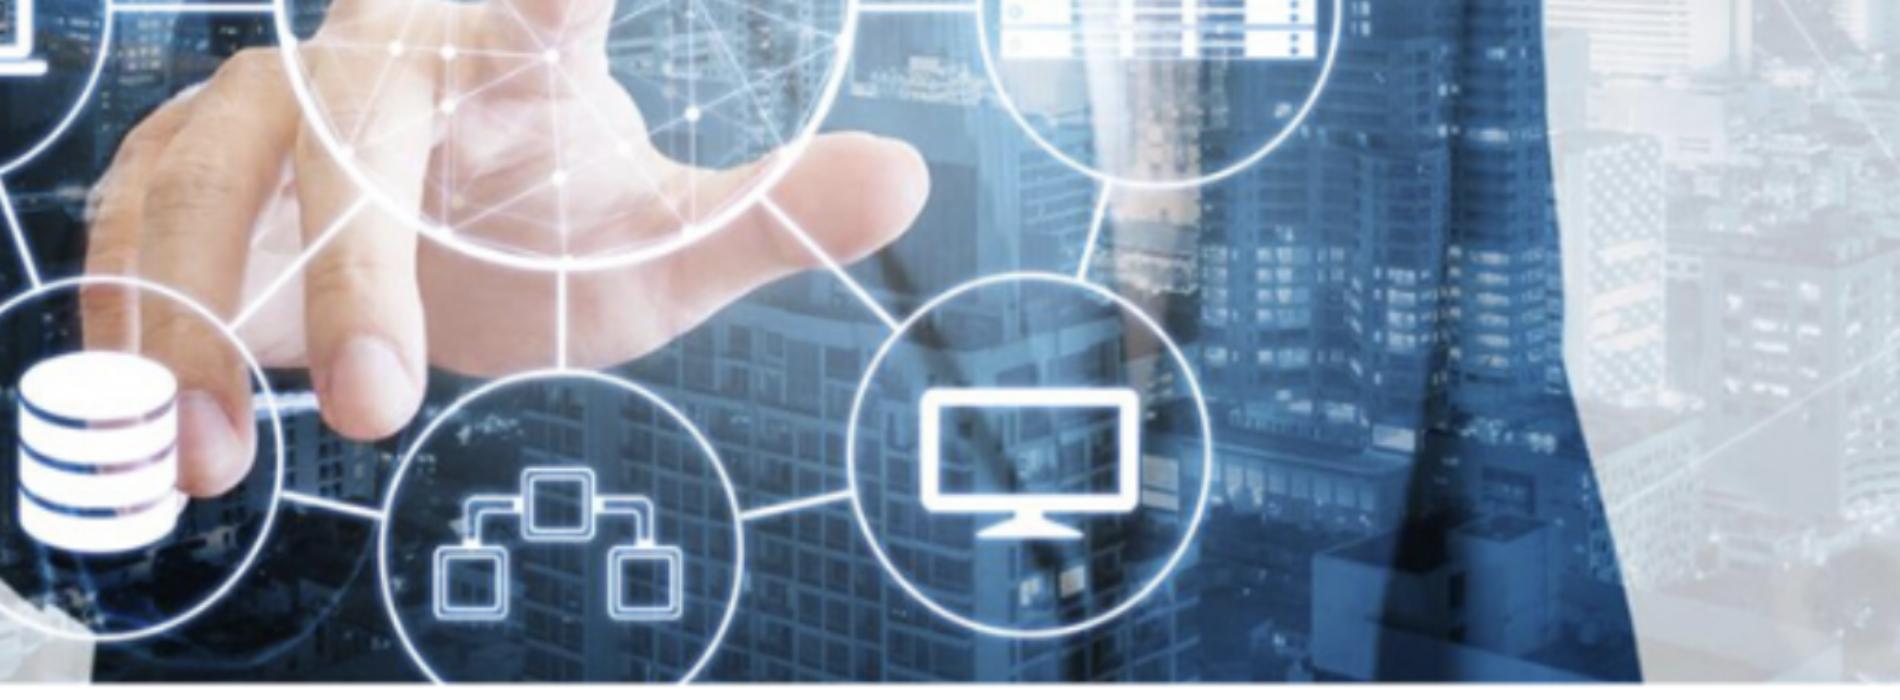 Sfida digitale. Gli strumenti per le imprese e i professionisti